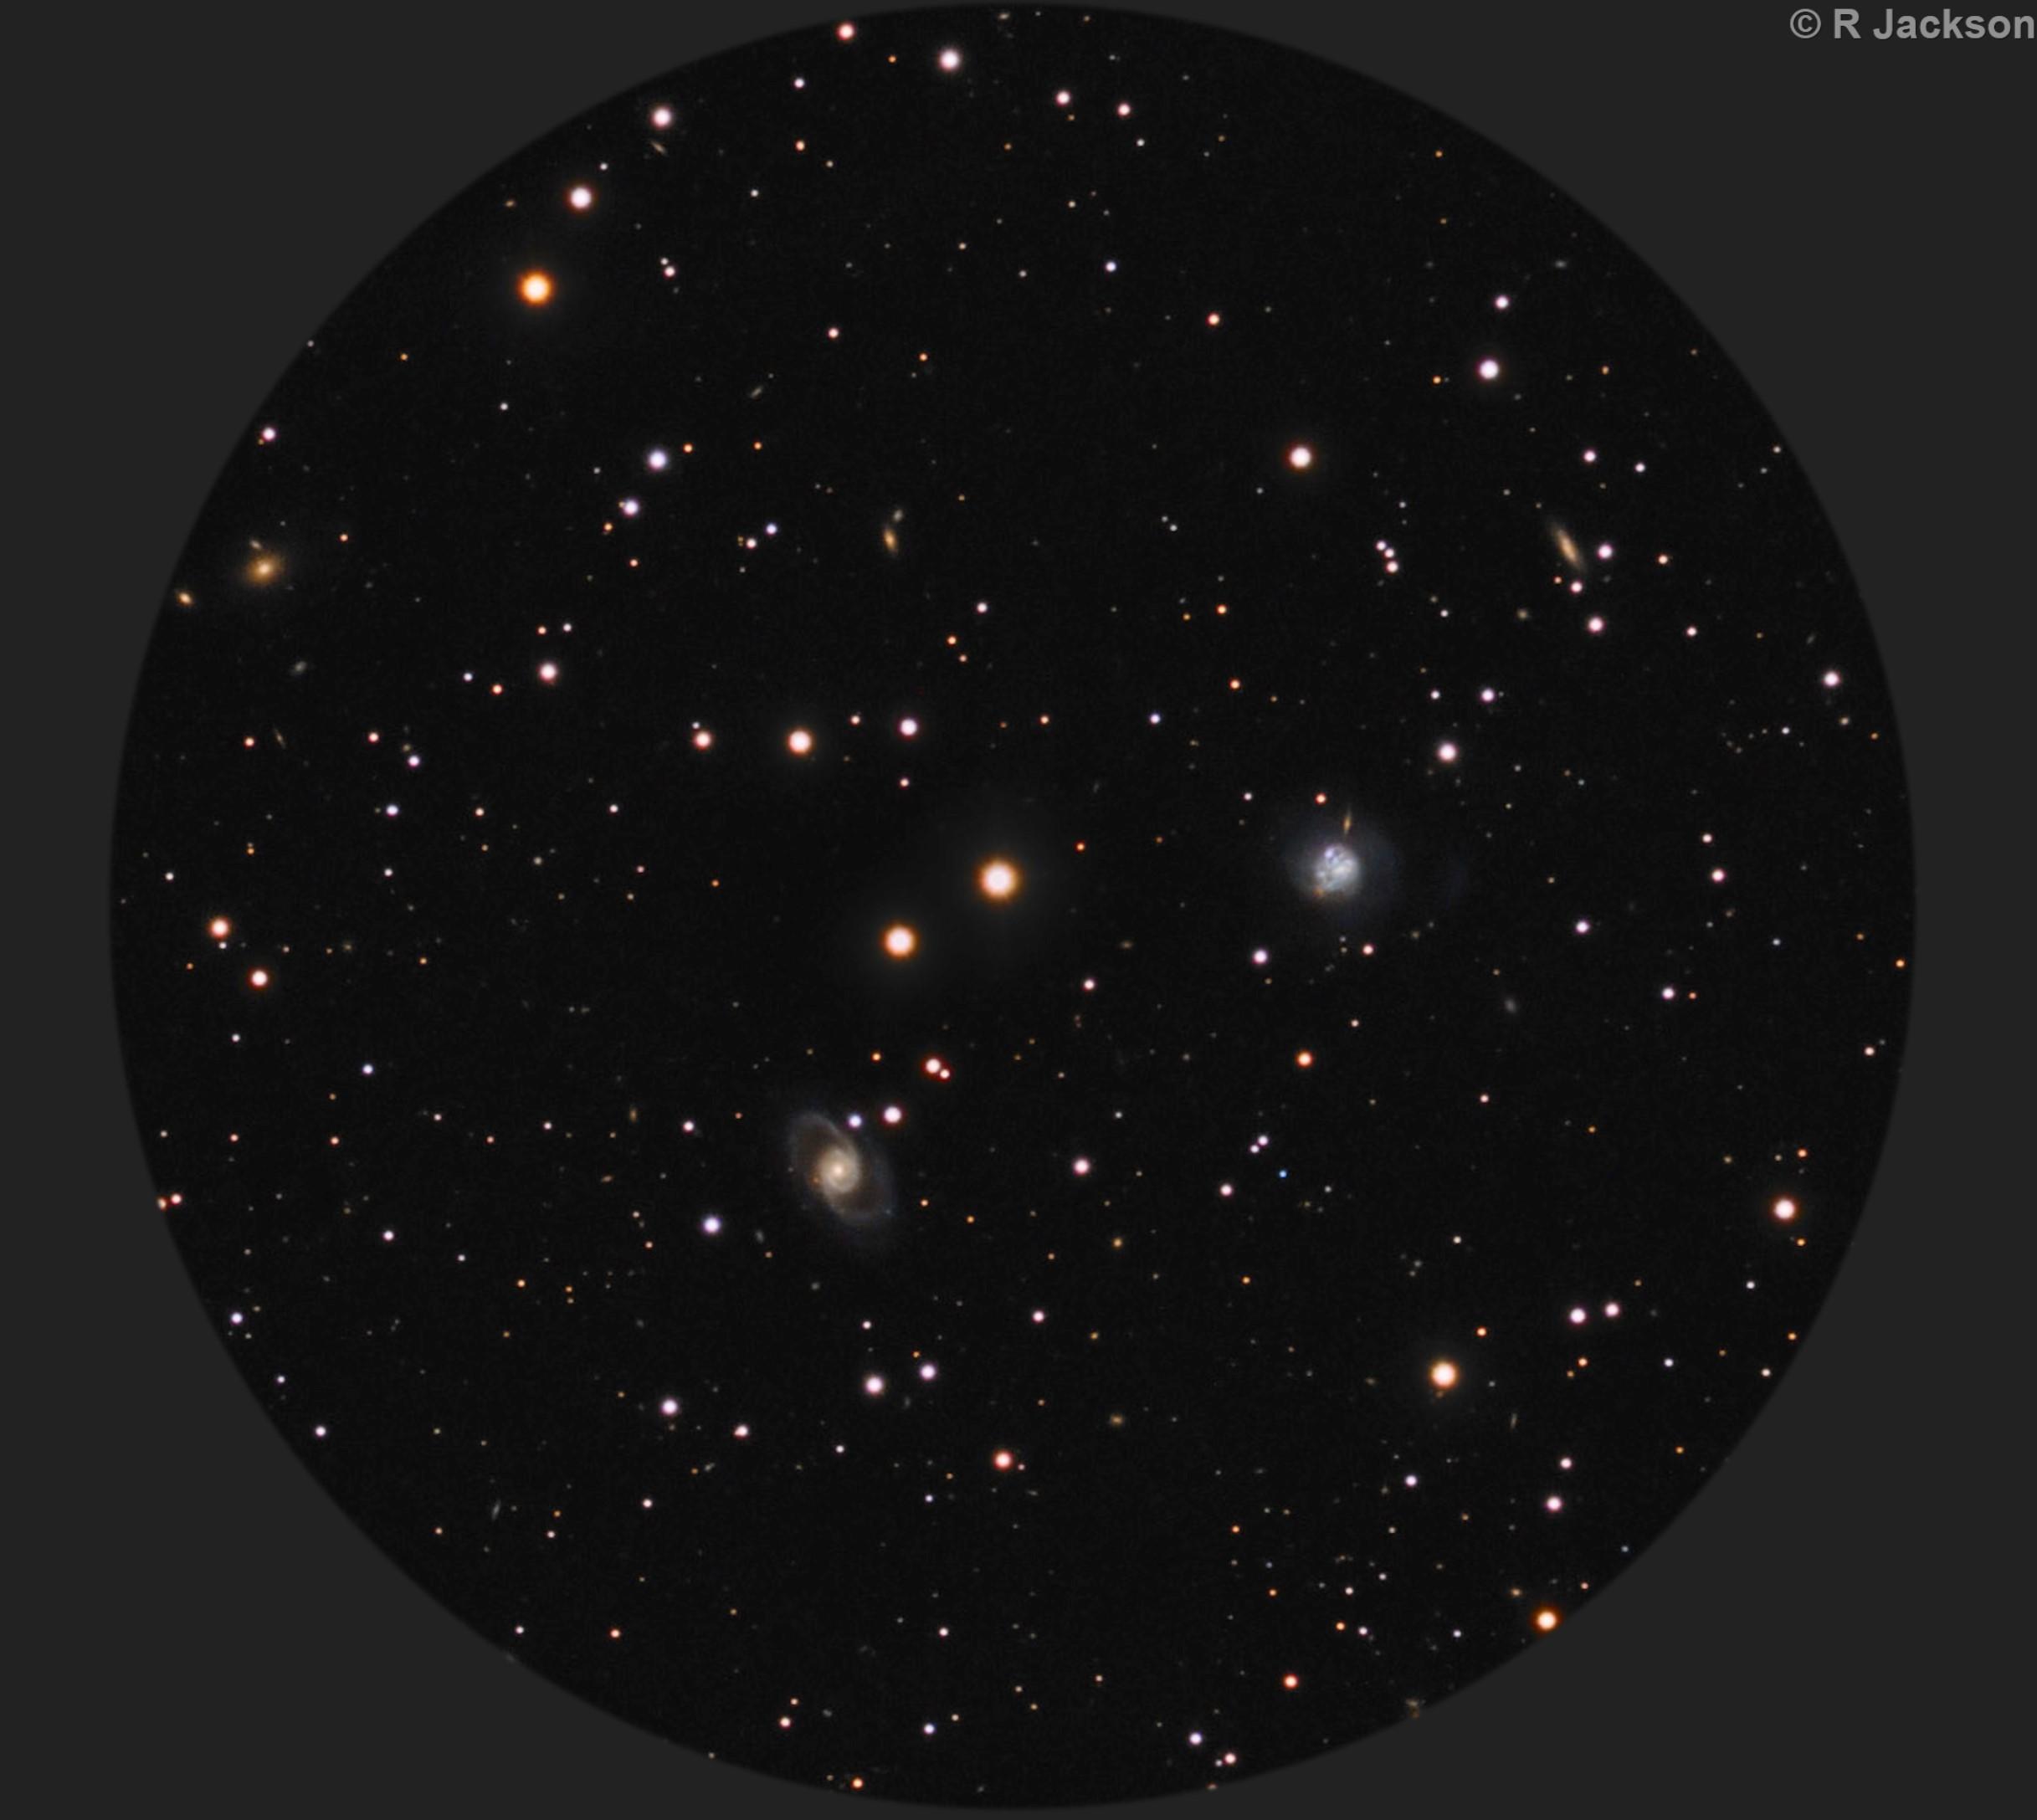 NGC 1973 & NGC 1677